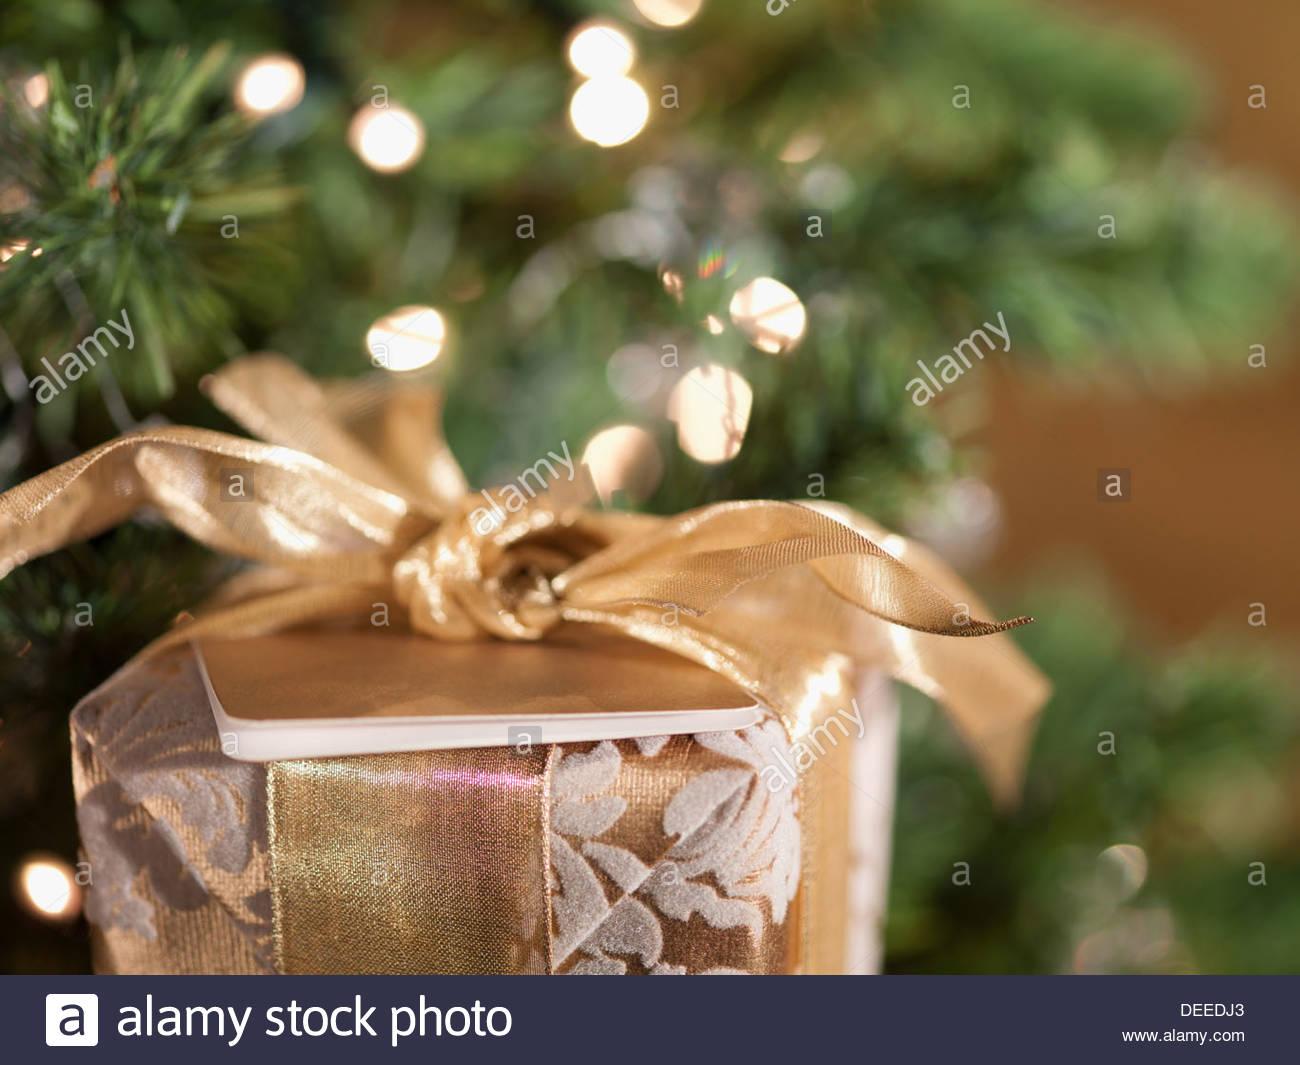 Regalo de Navidad árbol cercano Imagen De Stock